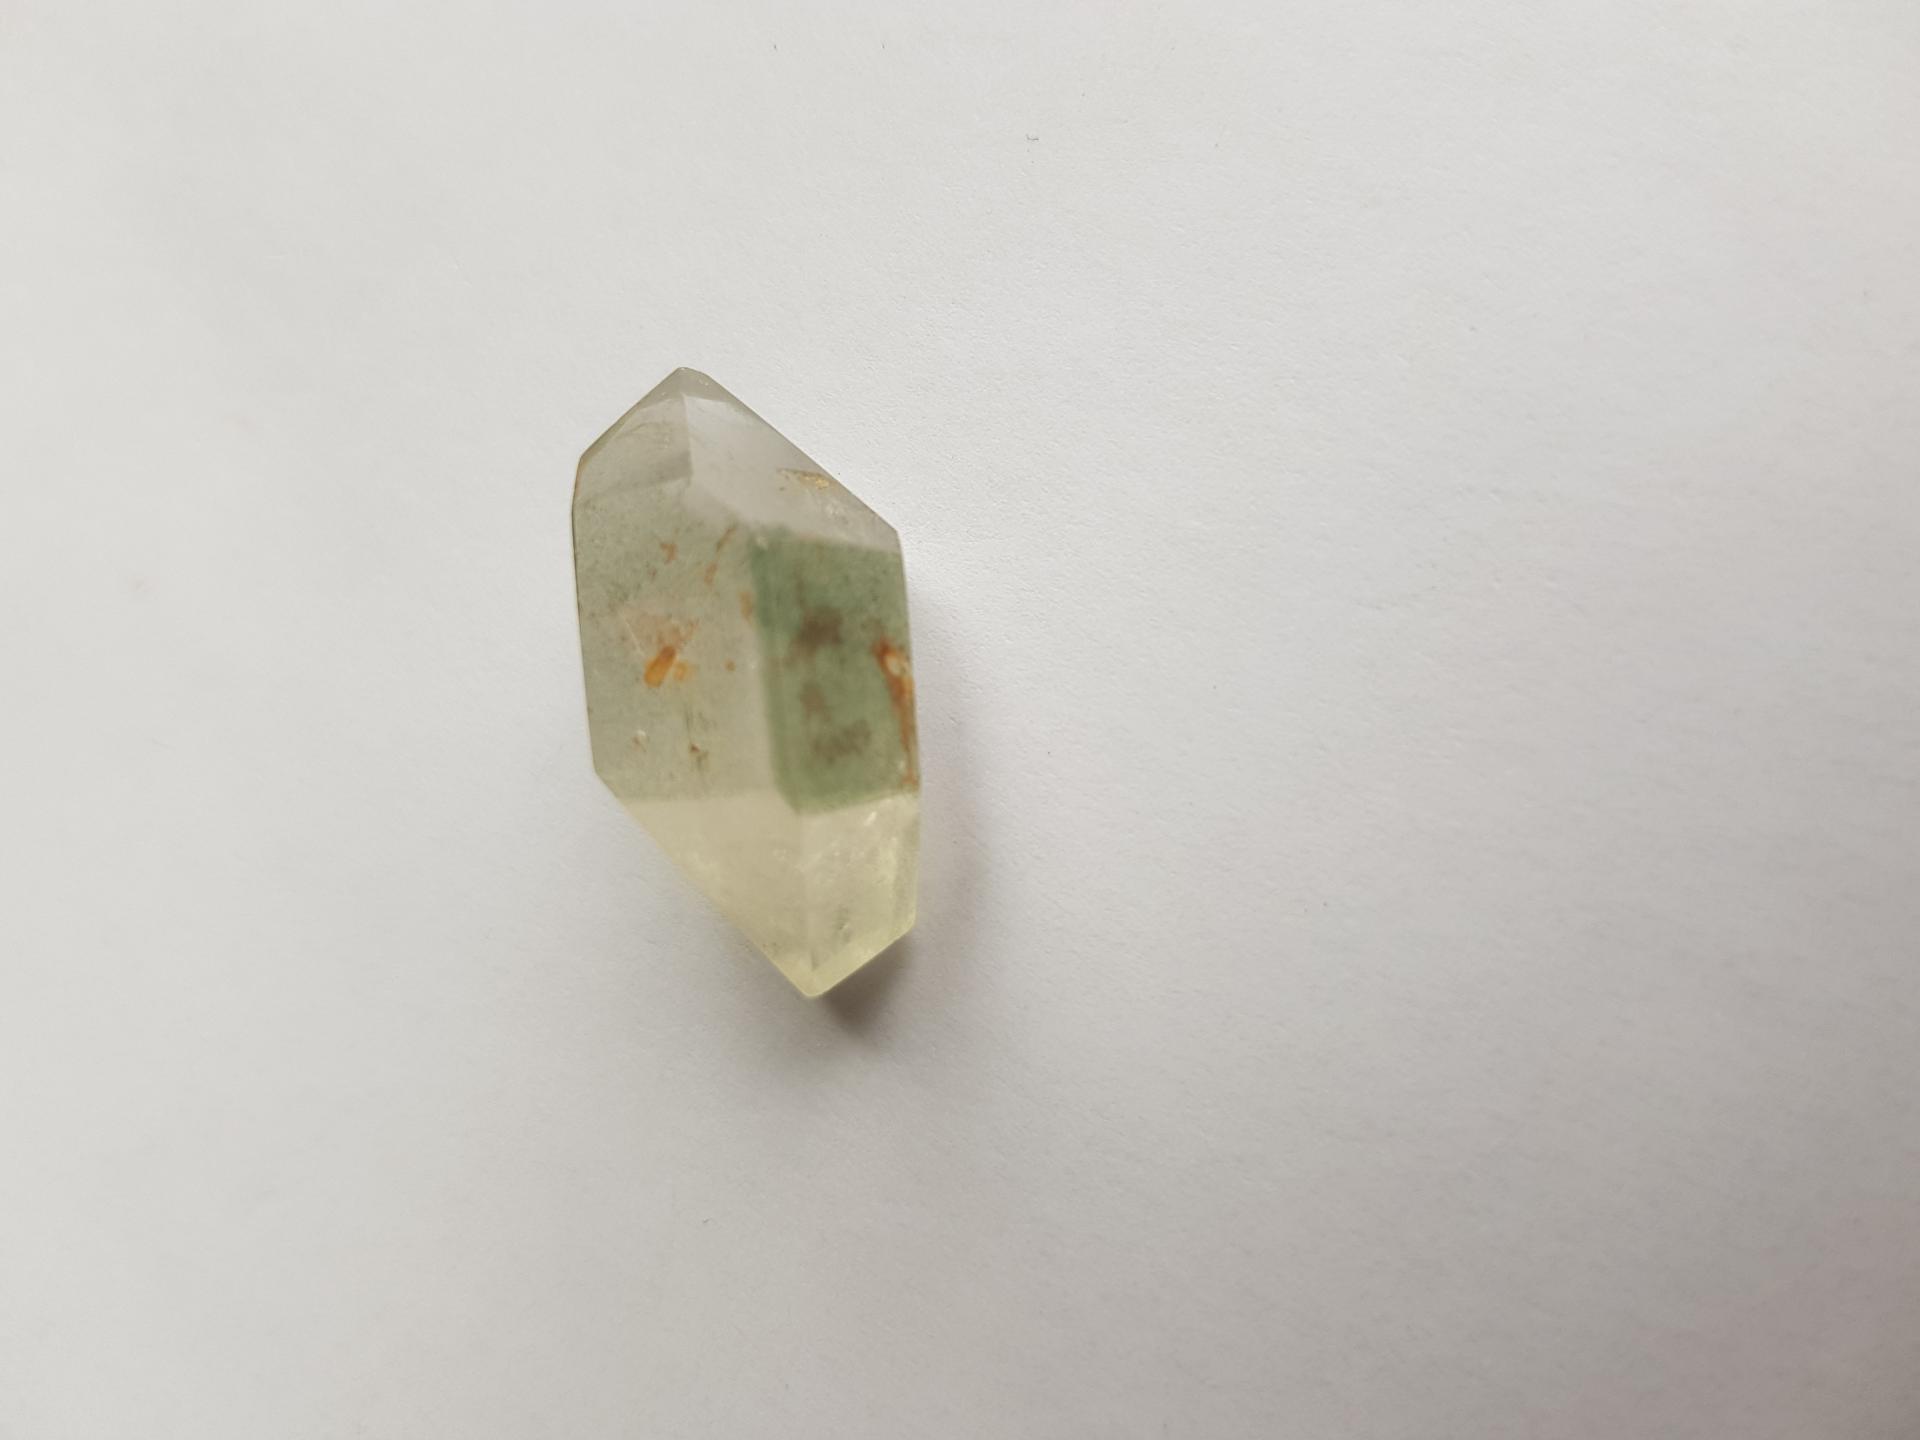 Quartz chlorite bitermine 4